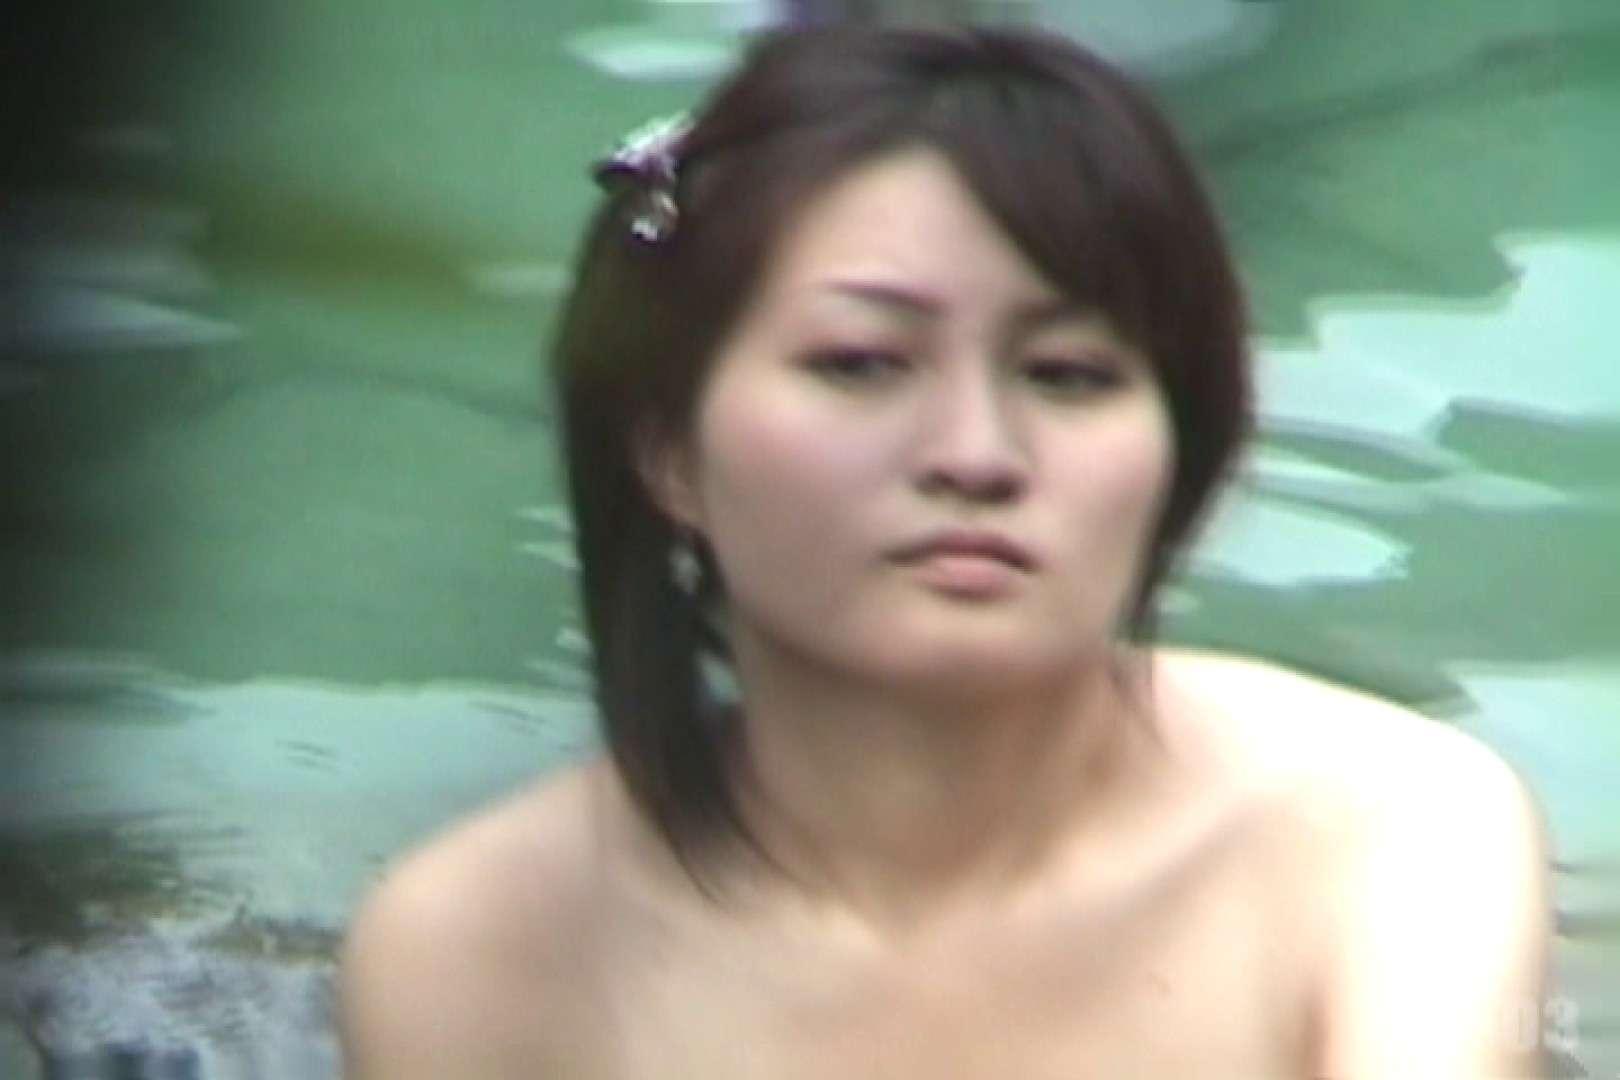 Aquaな露天風呂Vol.727 露天 えろ無修正画像 110PICs 74